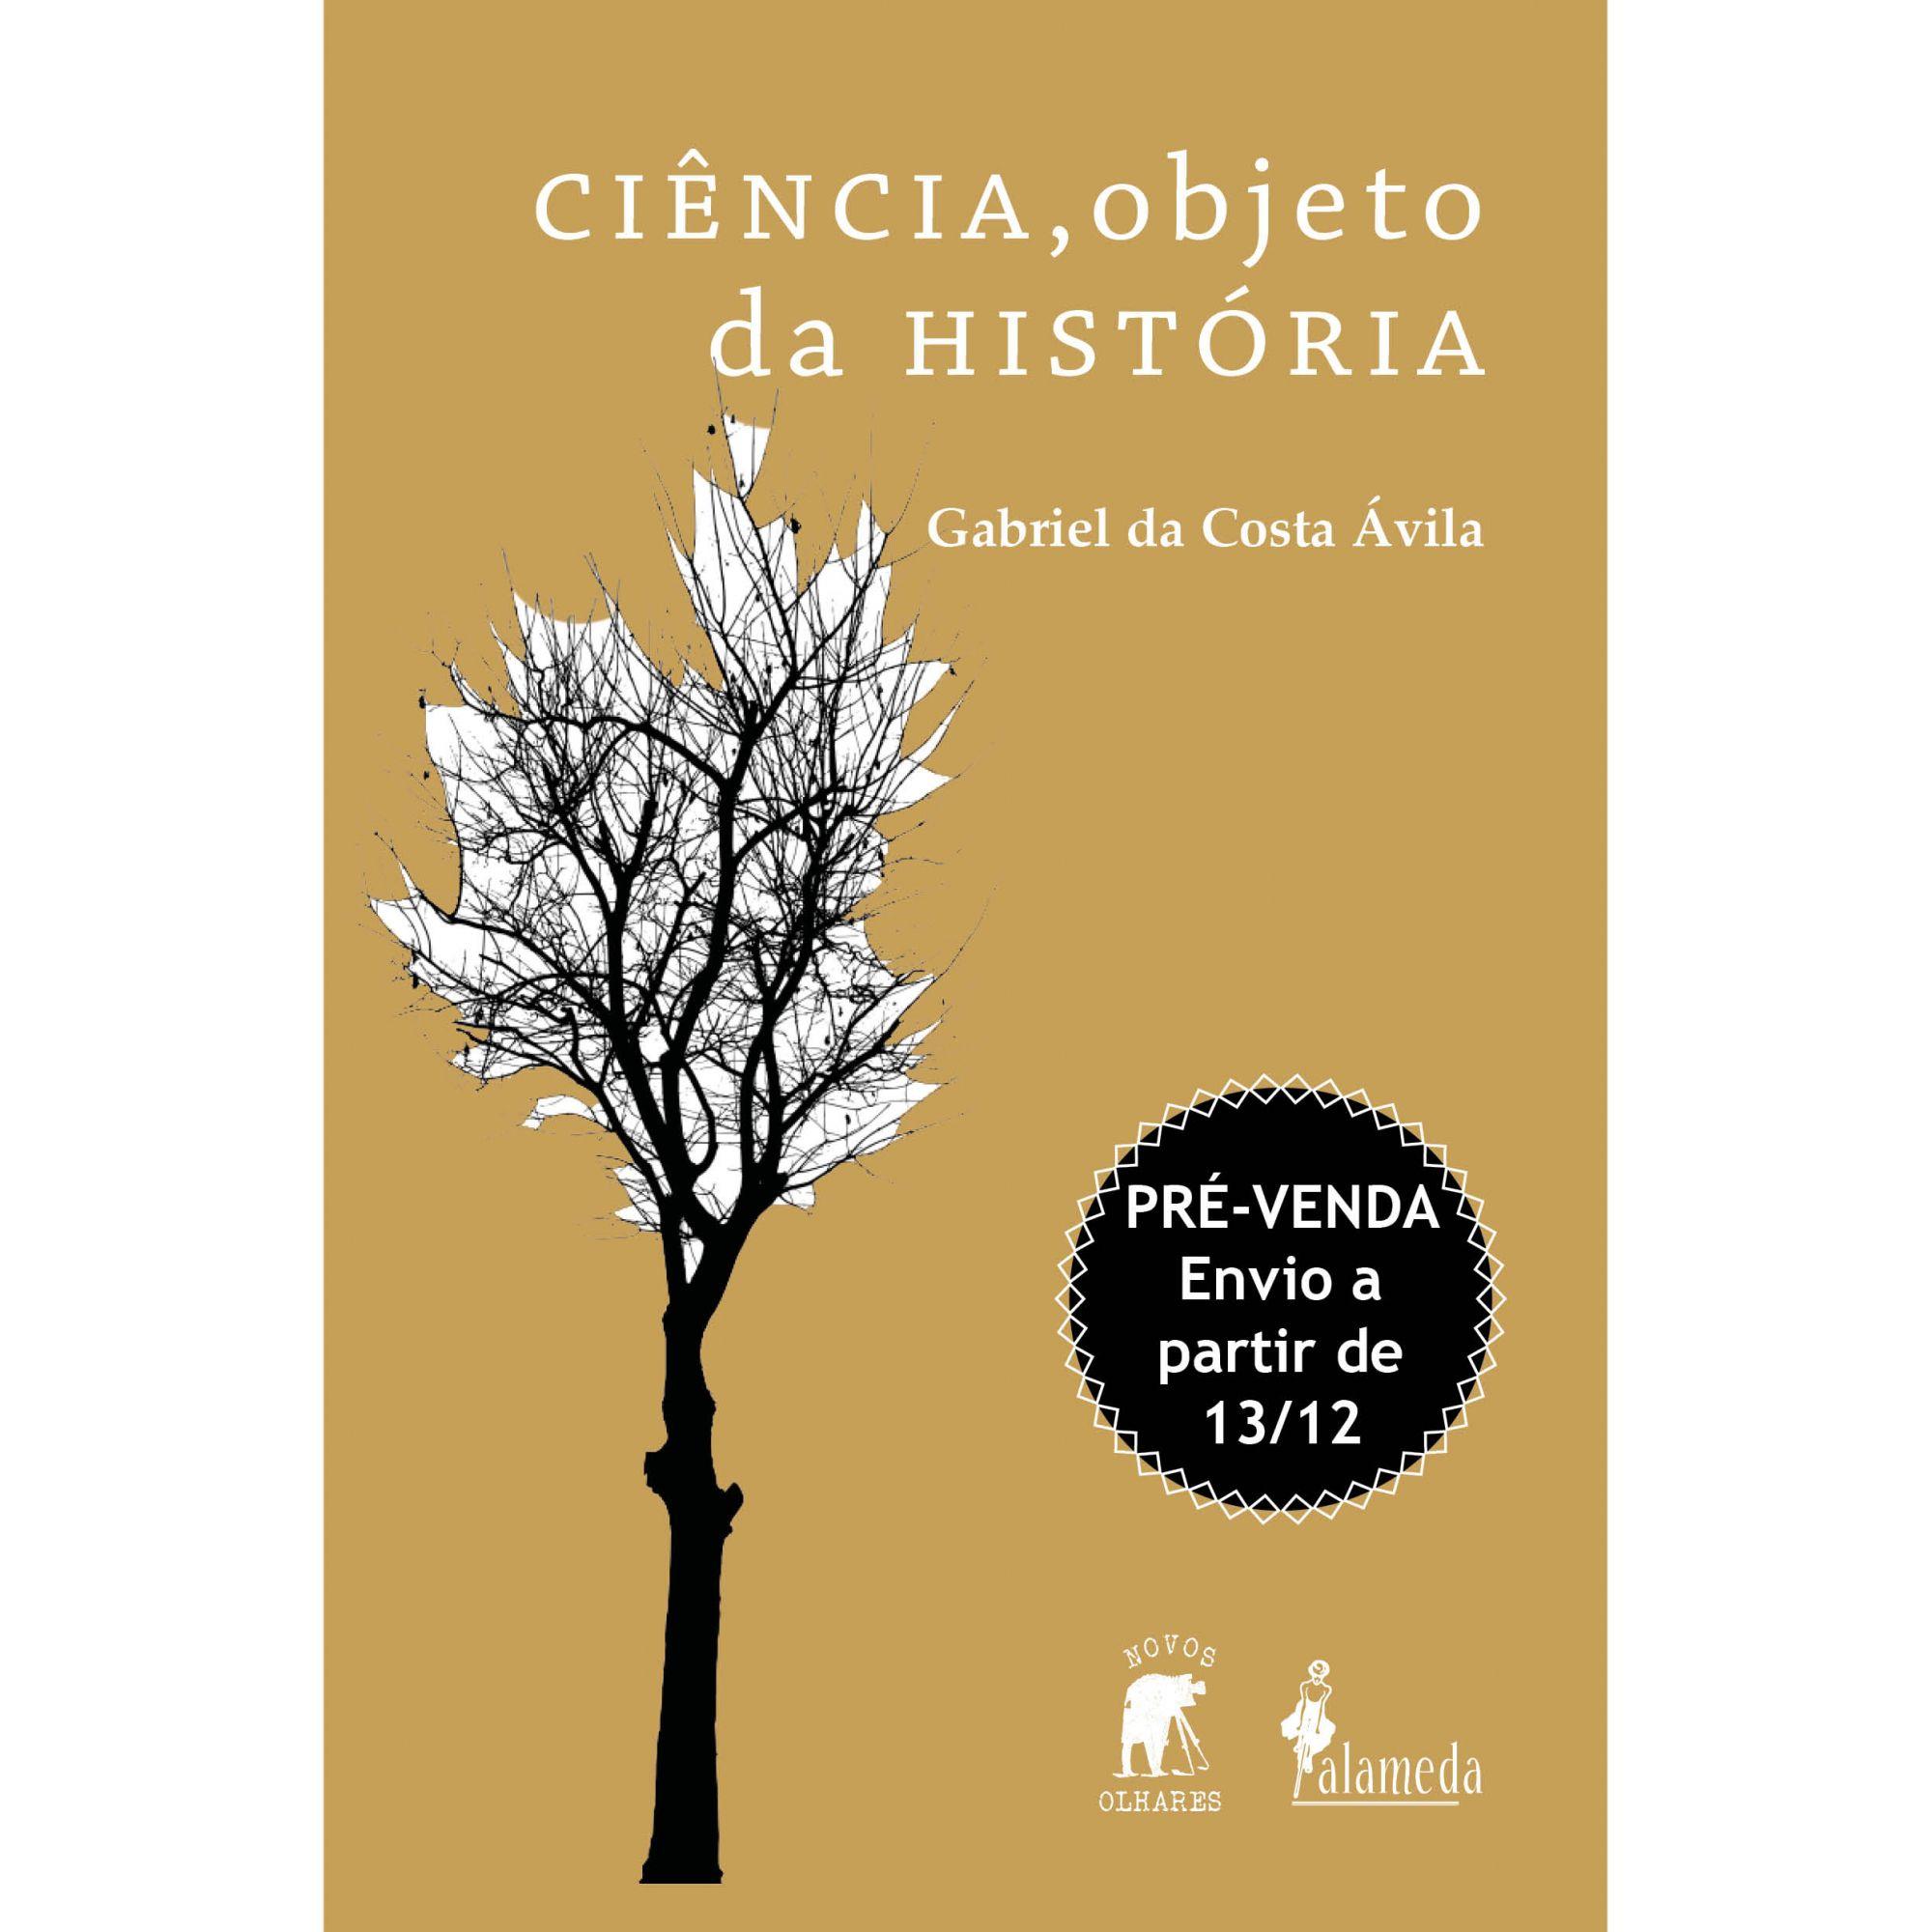 PRÉ-VENDA: Ciência, objeto da História, de Gabriel da Costa Ávila (ENVIO A PARTIR DO DIA 13/12/19)